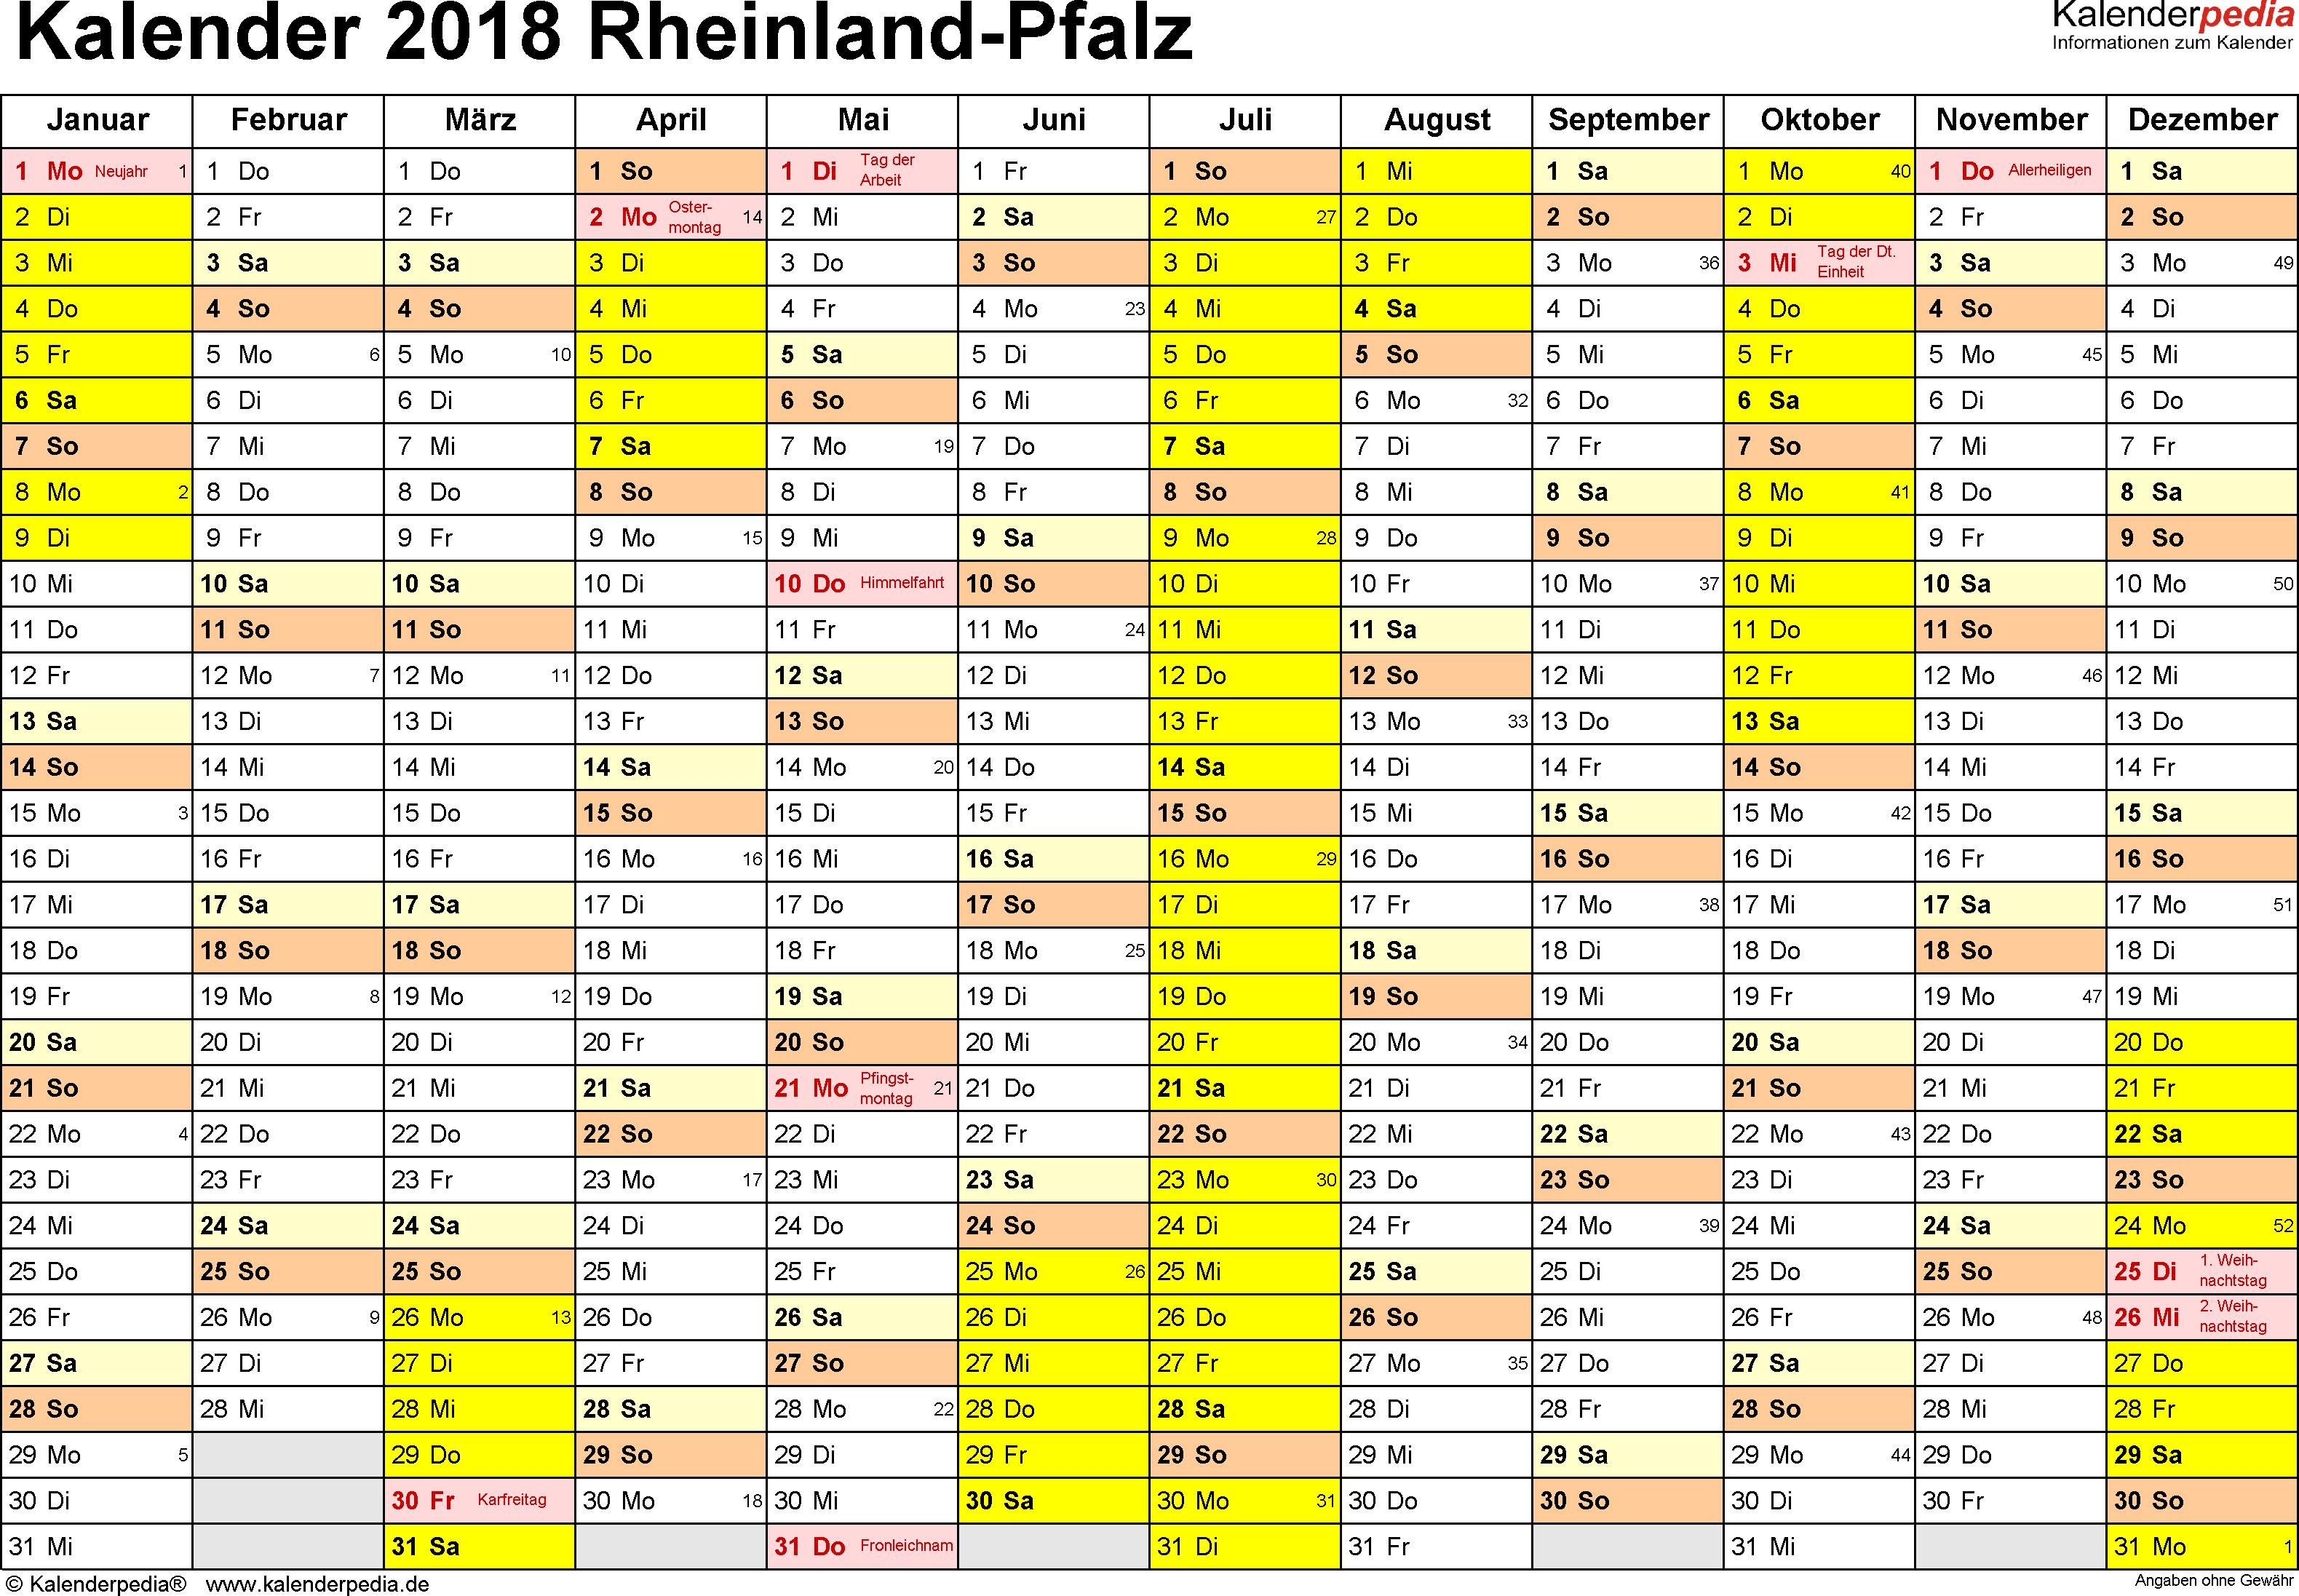 Vorlage 1: Kalender 2018 für Rheinland-Pfalz als PDF-Vorlagen (Querformat, 1 Seite)